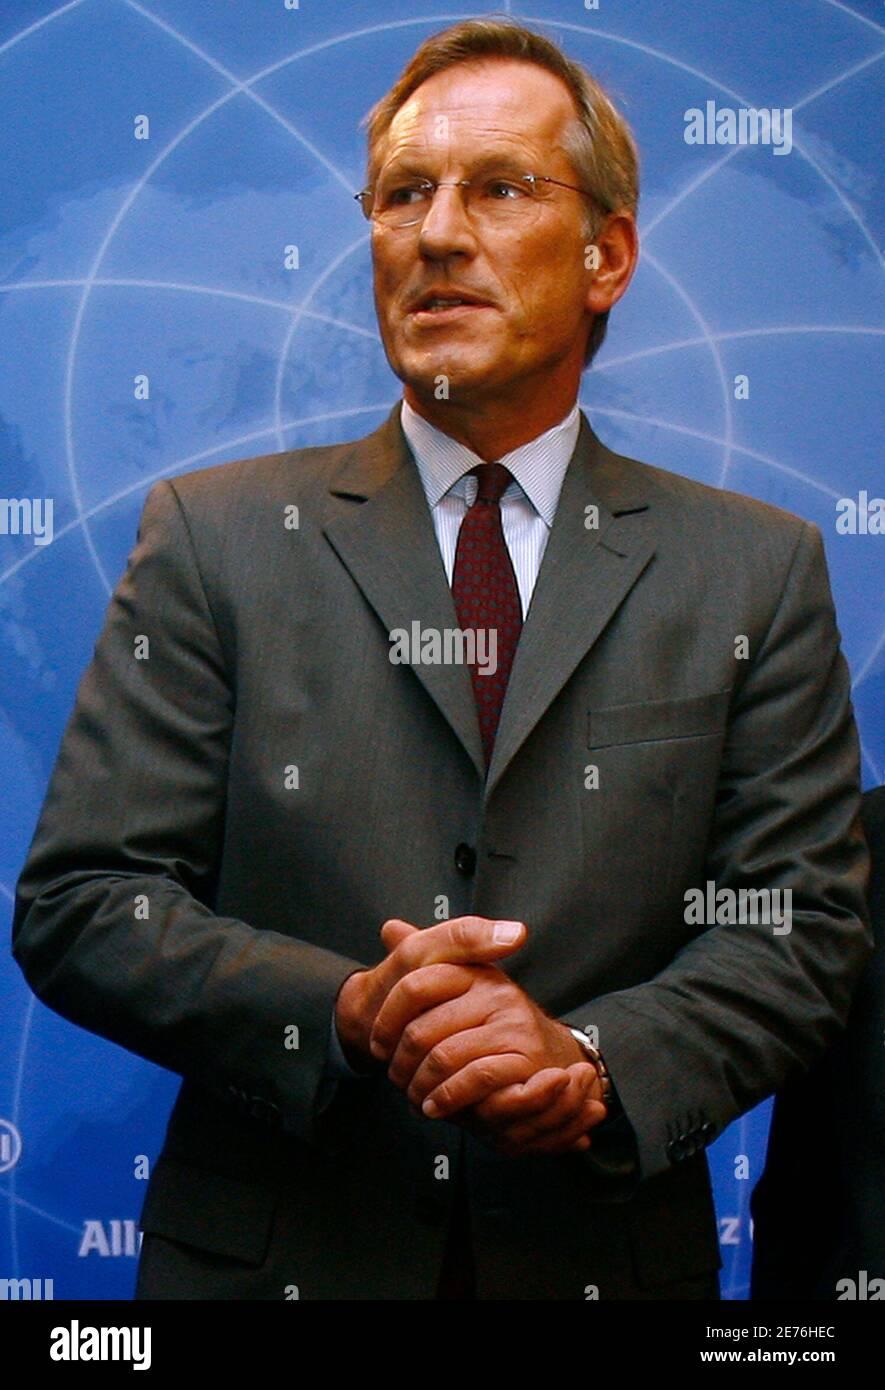 Michael Diekmann, CEO von Europas größtem Versicherer Allianz SE, kommt zur jährlichen Pressekonferenz des Unternehmens am 26. Februar 2009 nach München. REUTERS/Alexandra Beier (DEUTSCHLAND) Stockfoto